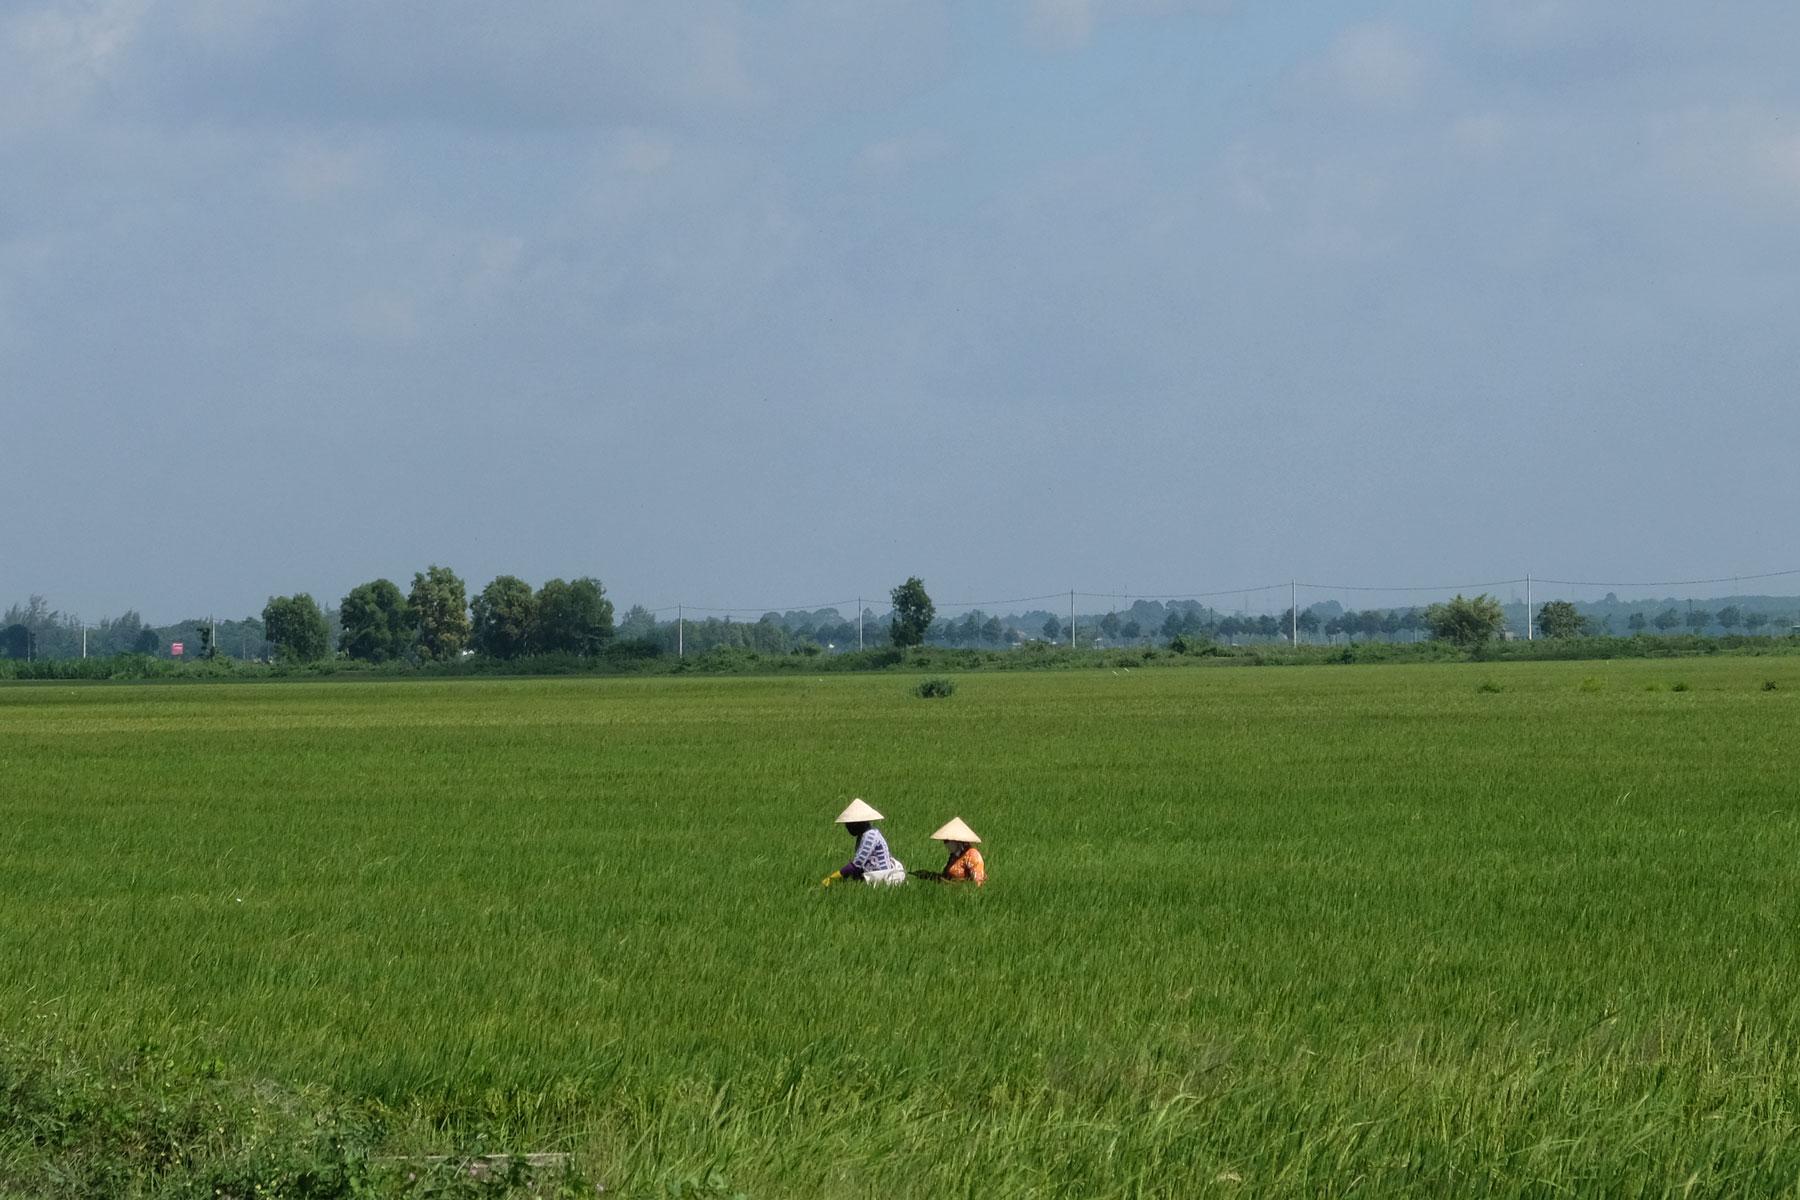 Zwei Frauen mit spitzen Strohhüten stehen in einem Reisfeld.